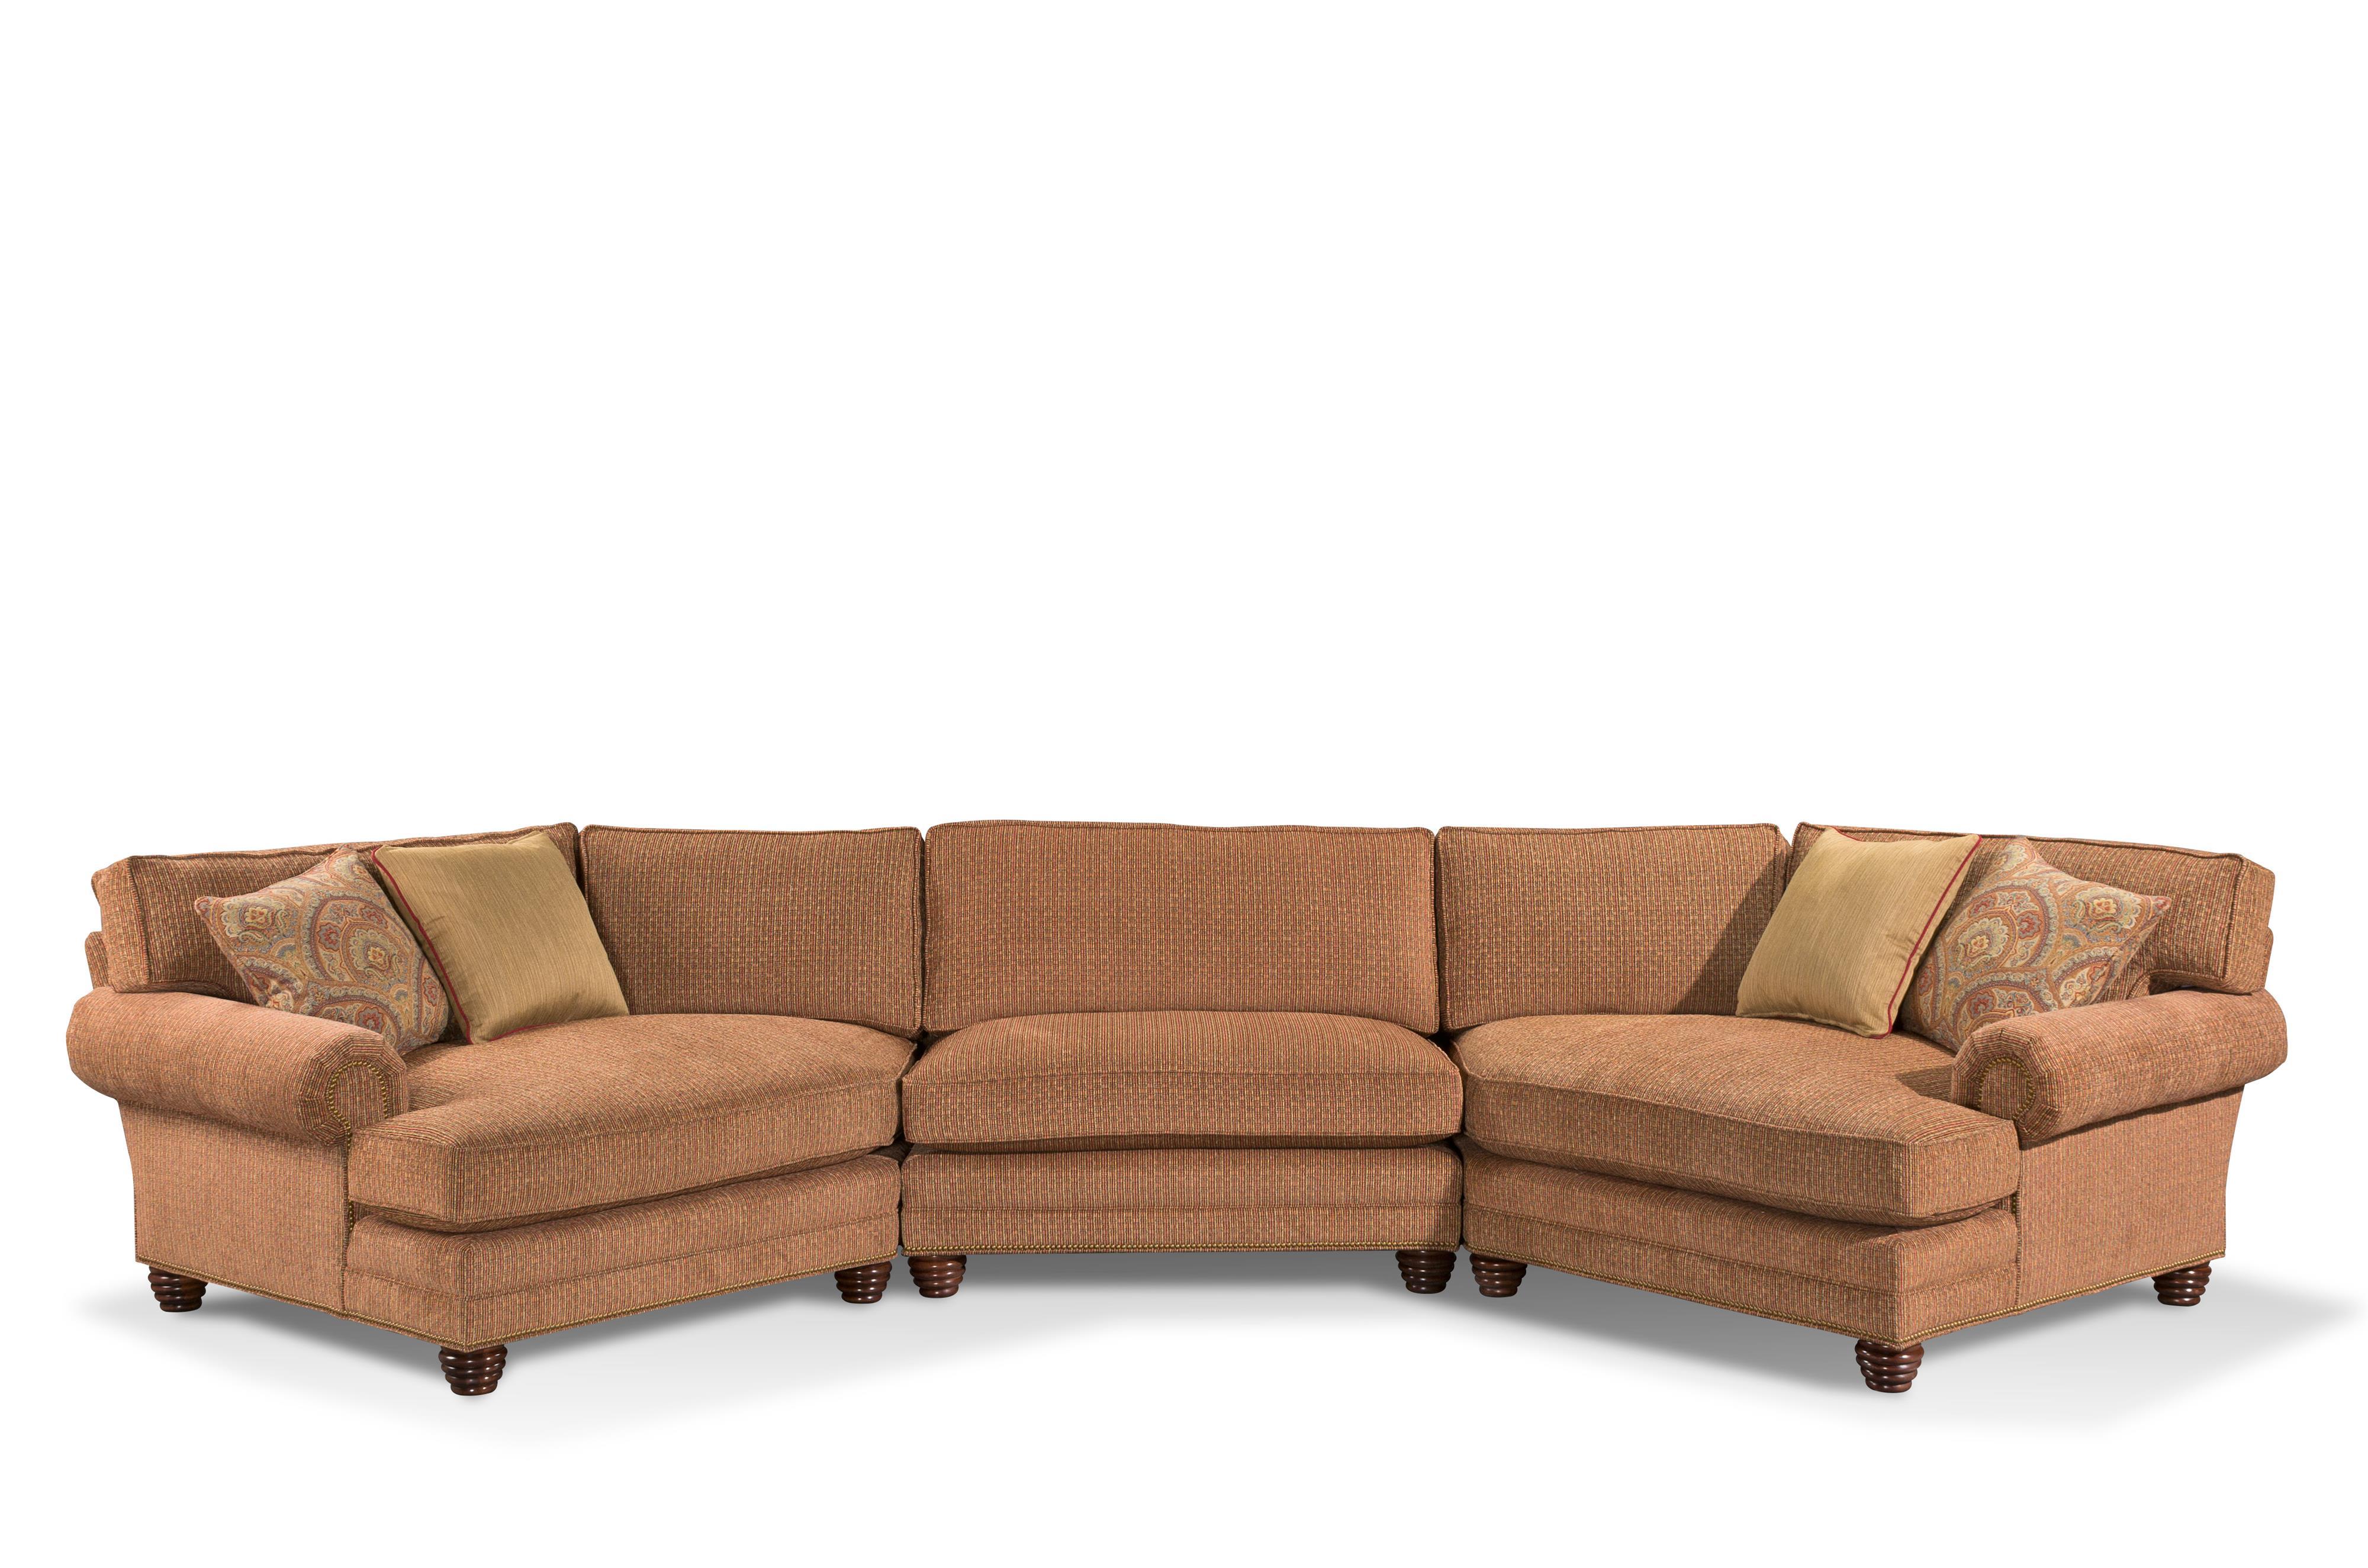 Harden Furniture Artisan Upholstery Artisan Custom Upholstery